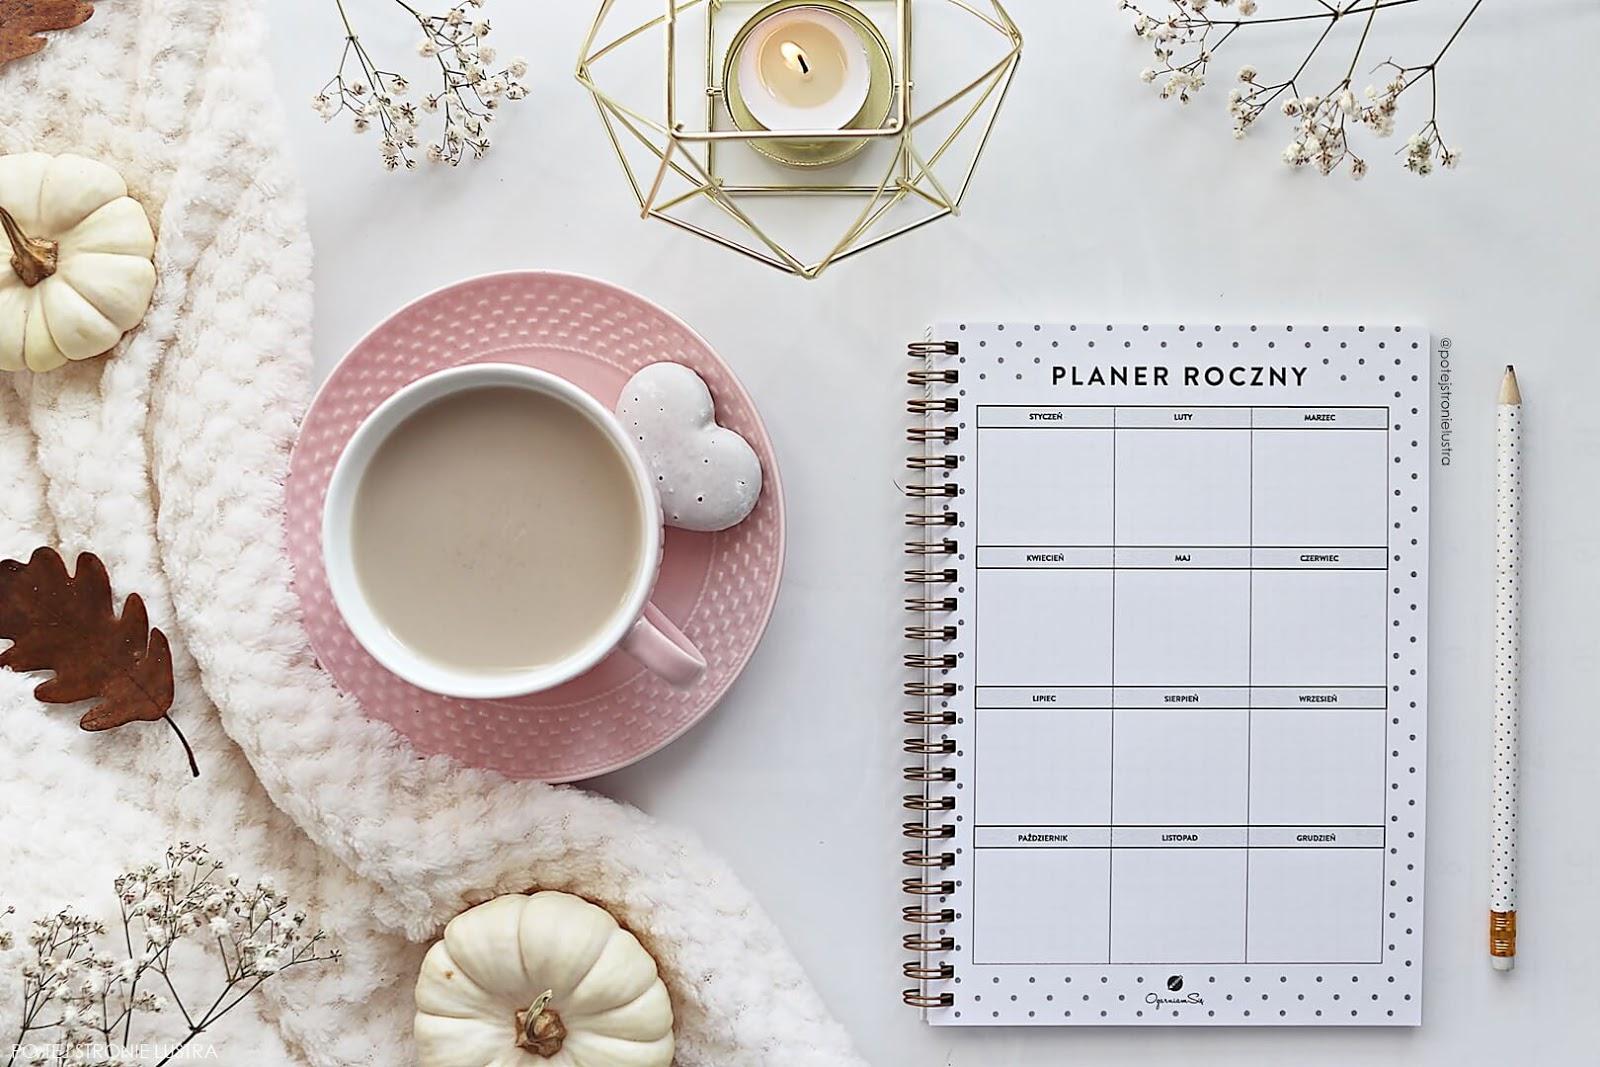 planer roczny